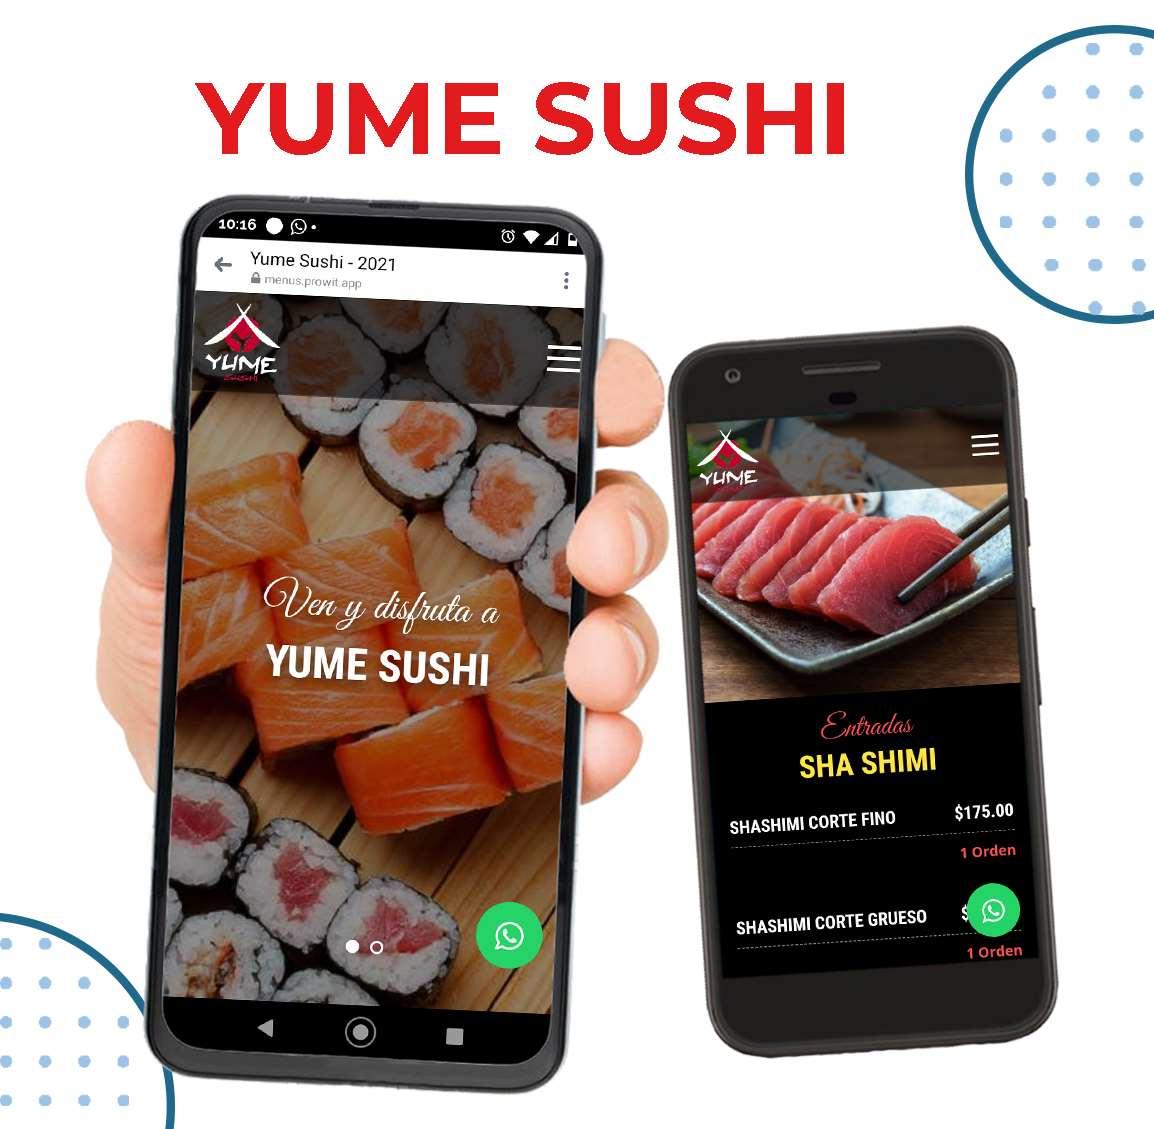 Yume sushi